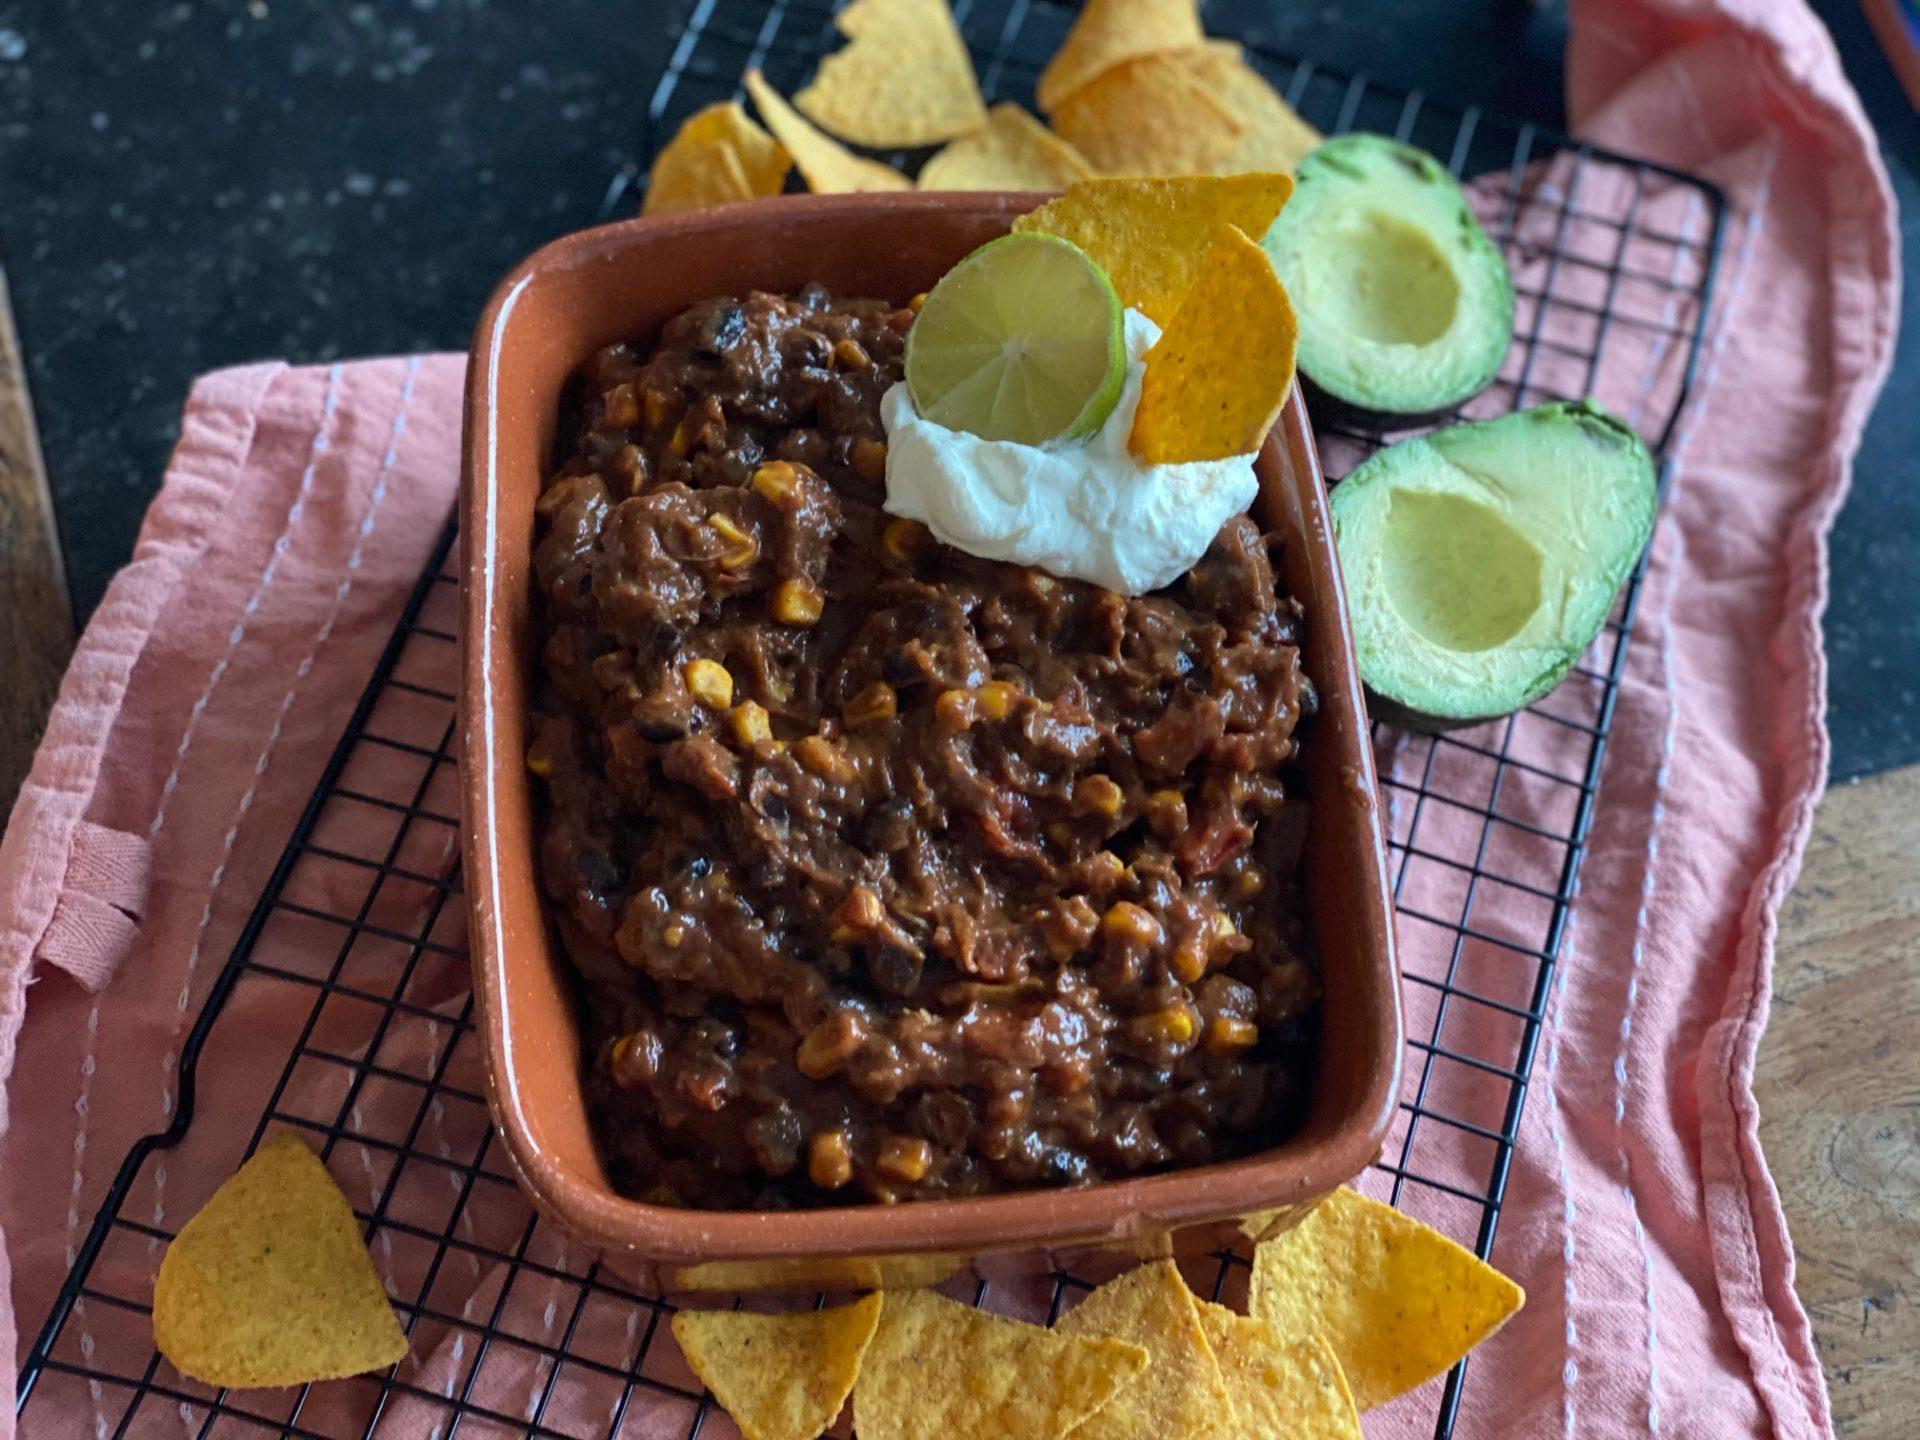 Mexicaans stoofpotje met rundvlees, bonen, mais en heel veel smaak! - Recept van Foodblog Foodinista